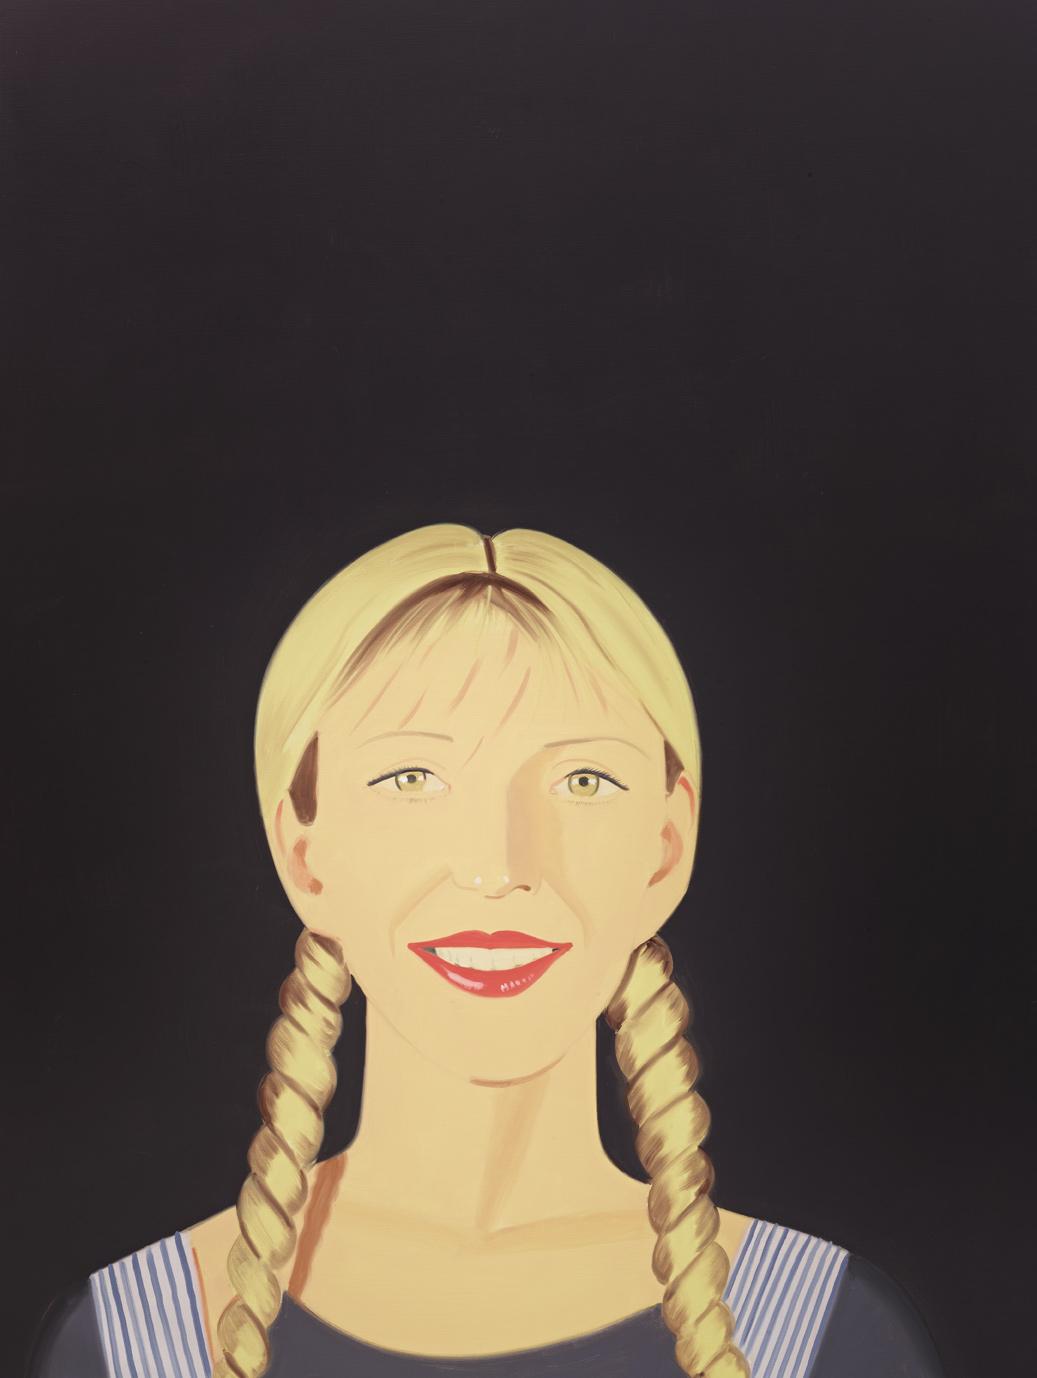 Jessica irribarrez | Alex Katz | Guggenheim Bilbao Museoa